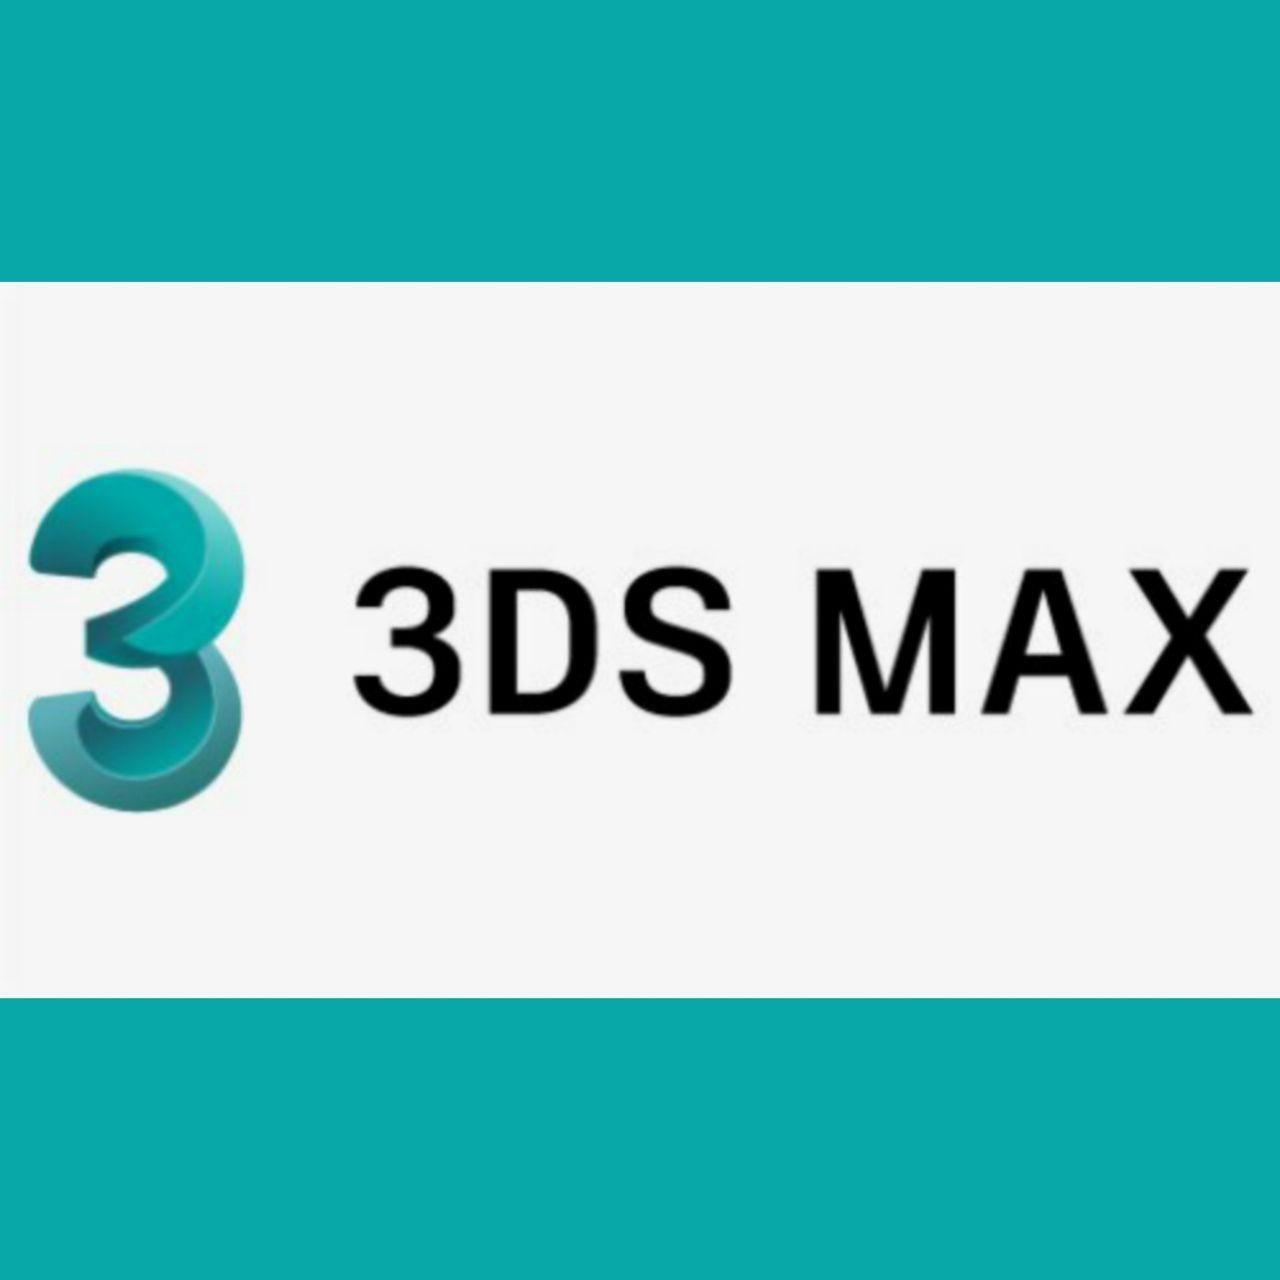 3d Max Arnold V Ray Gaming Logos Max Logos